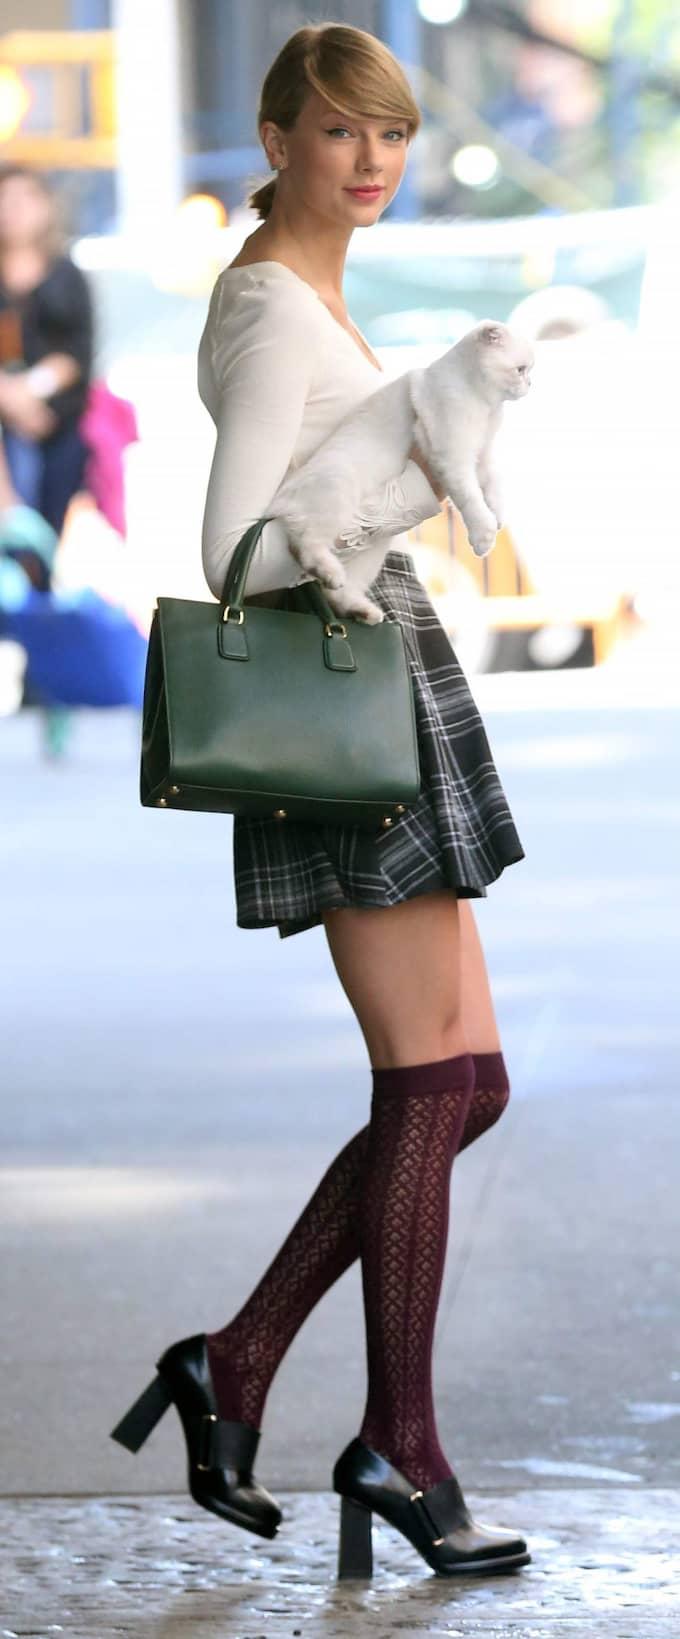 Kattwalk 2. Taylor Swift klädd för påpassliga fotografer och en promenad med sitt nya husdjur, snyggt stylad från topp till tå.